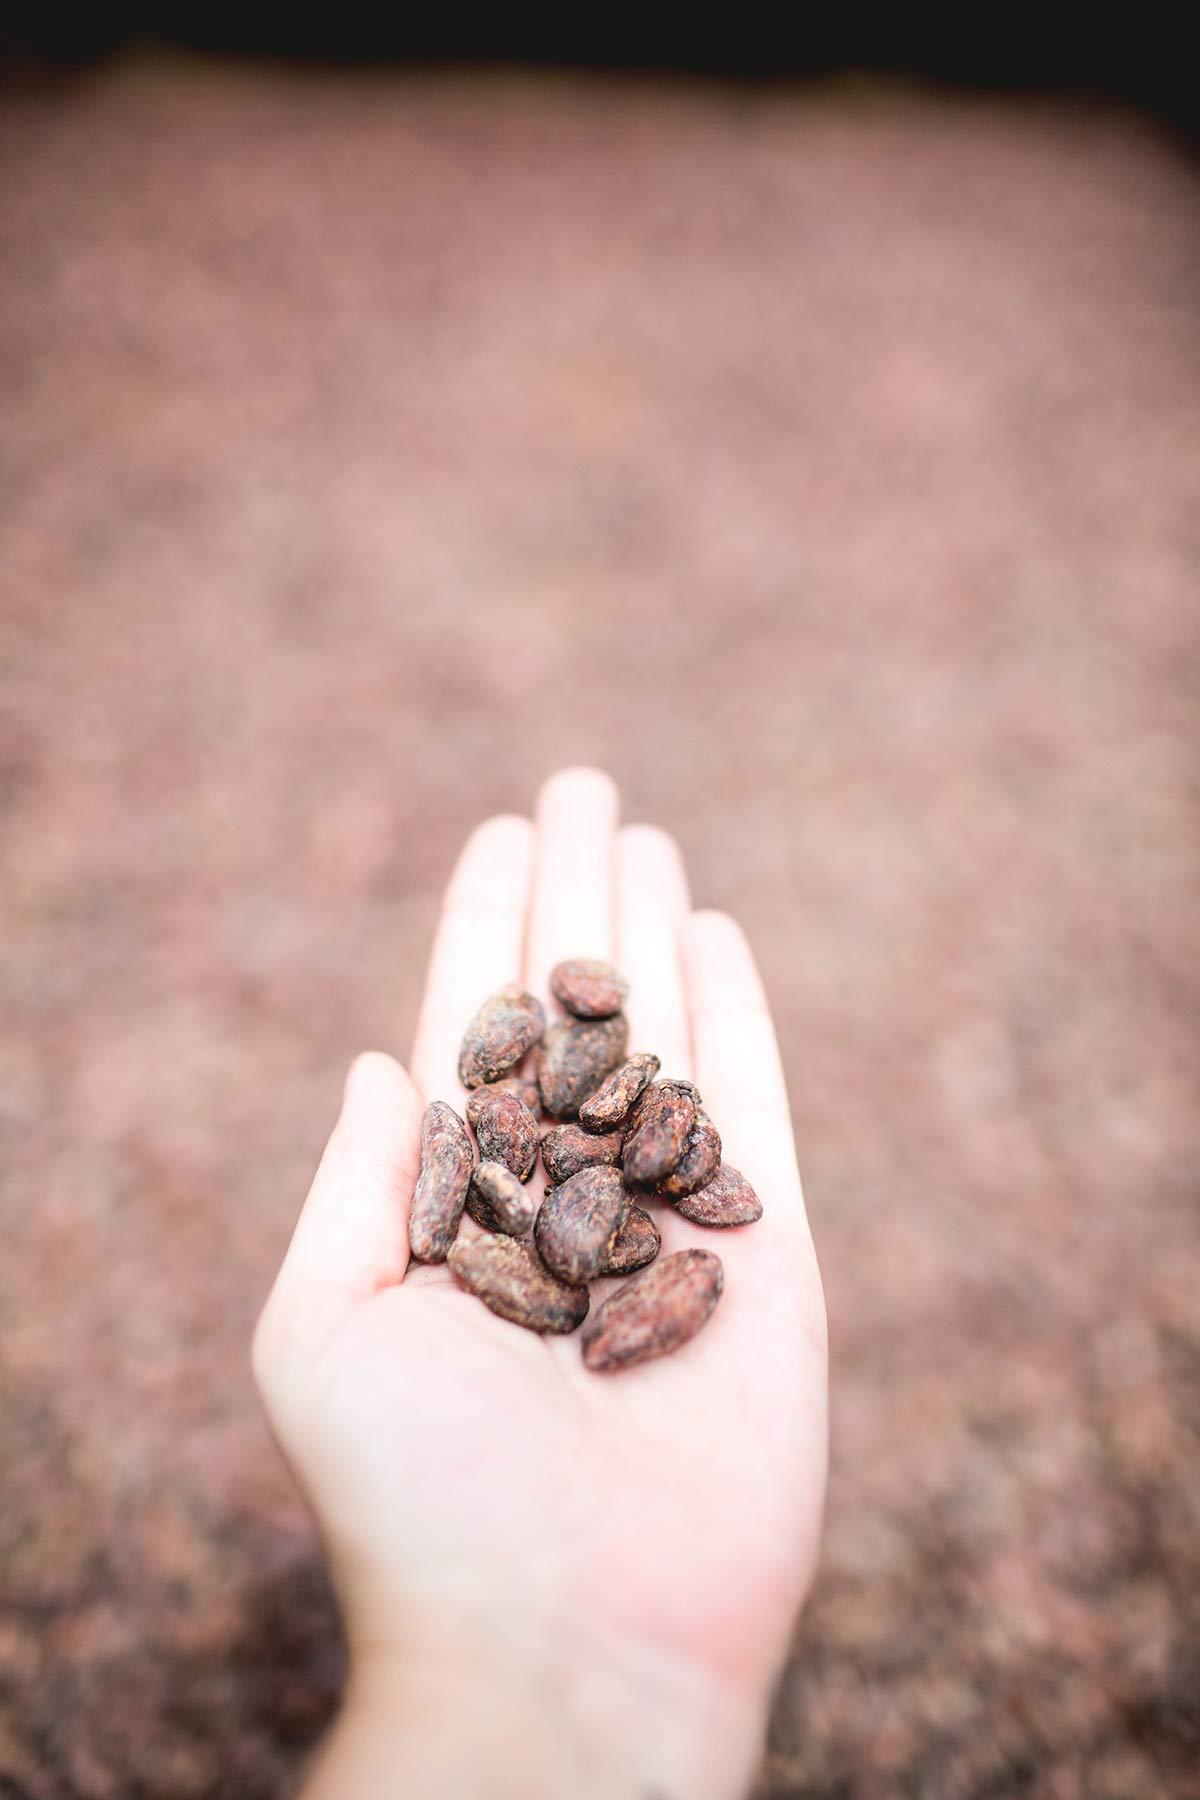 Kakaobohnen Kakaoplantage St Lucia